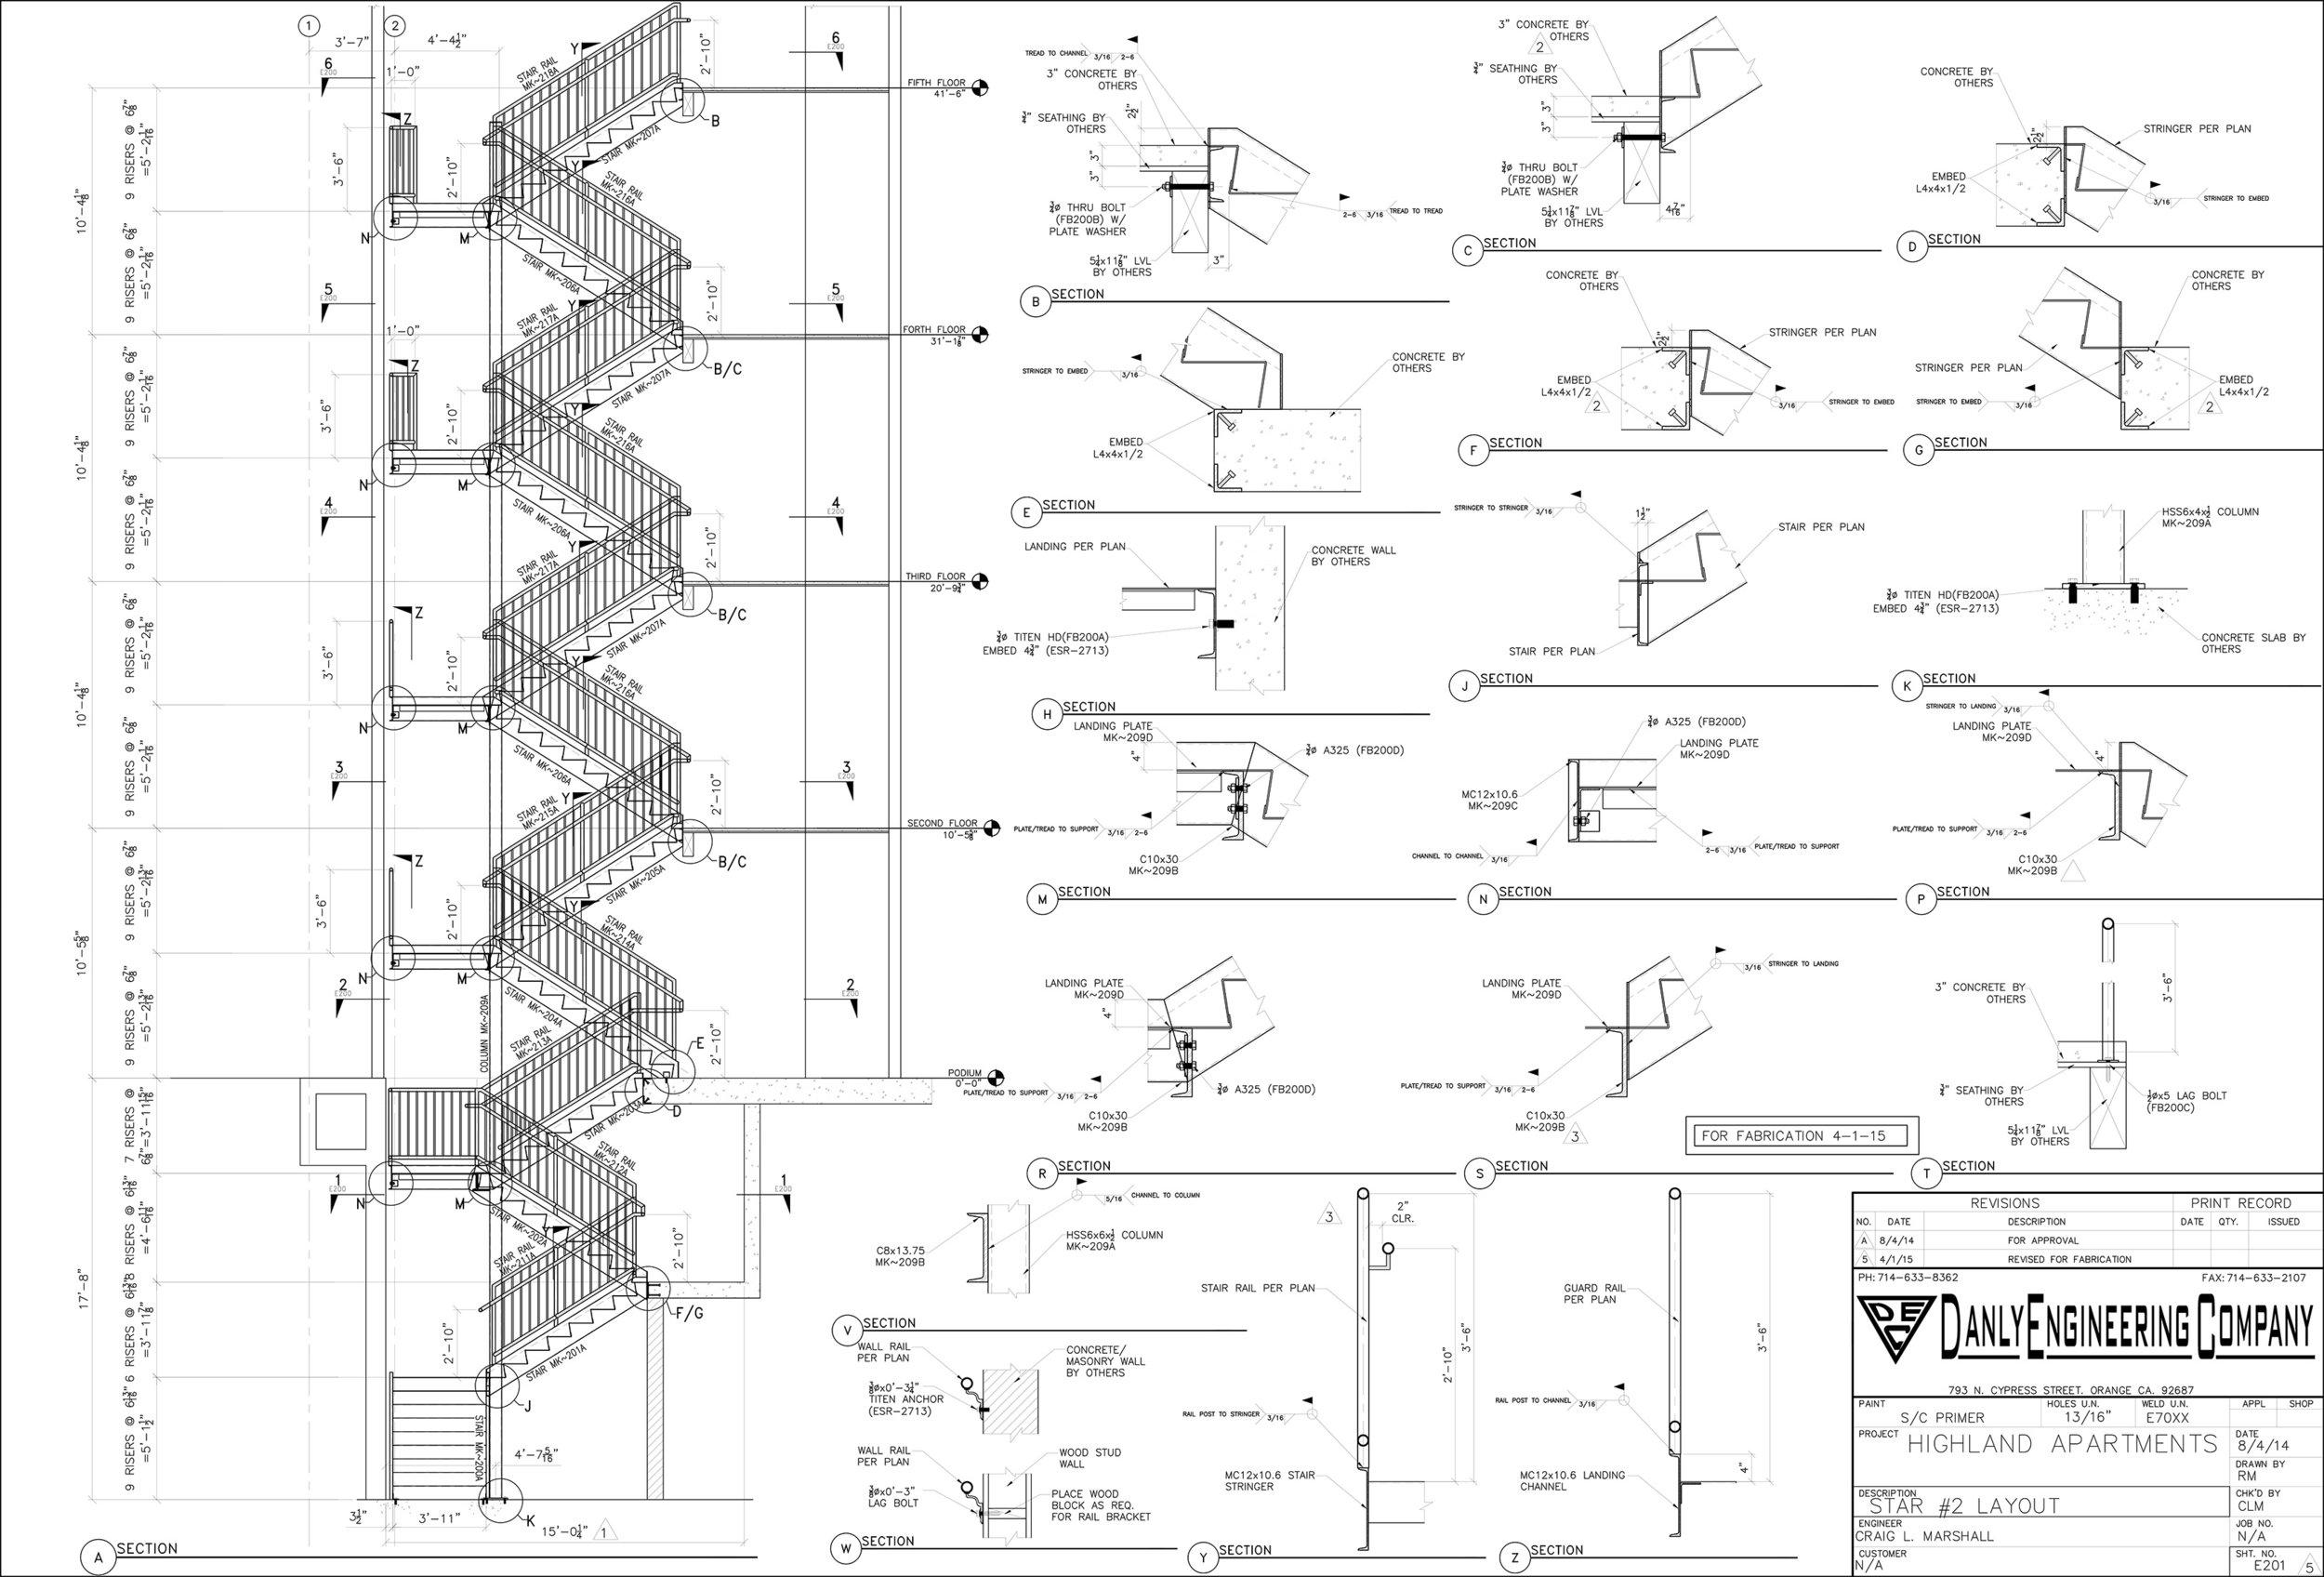 E201-Sheet 1.jpg